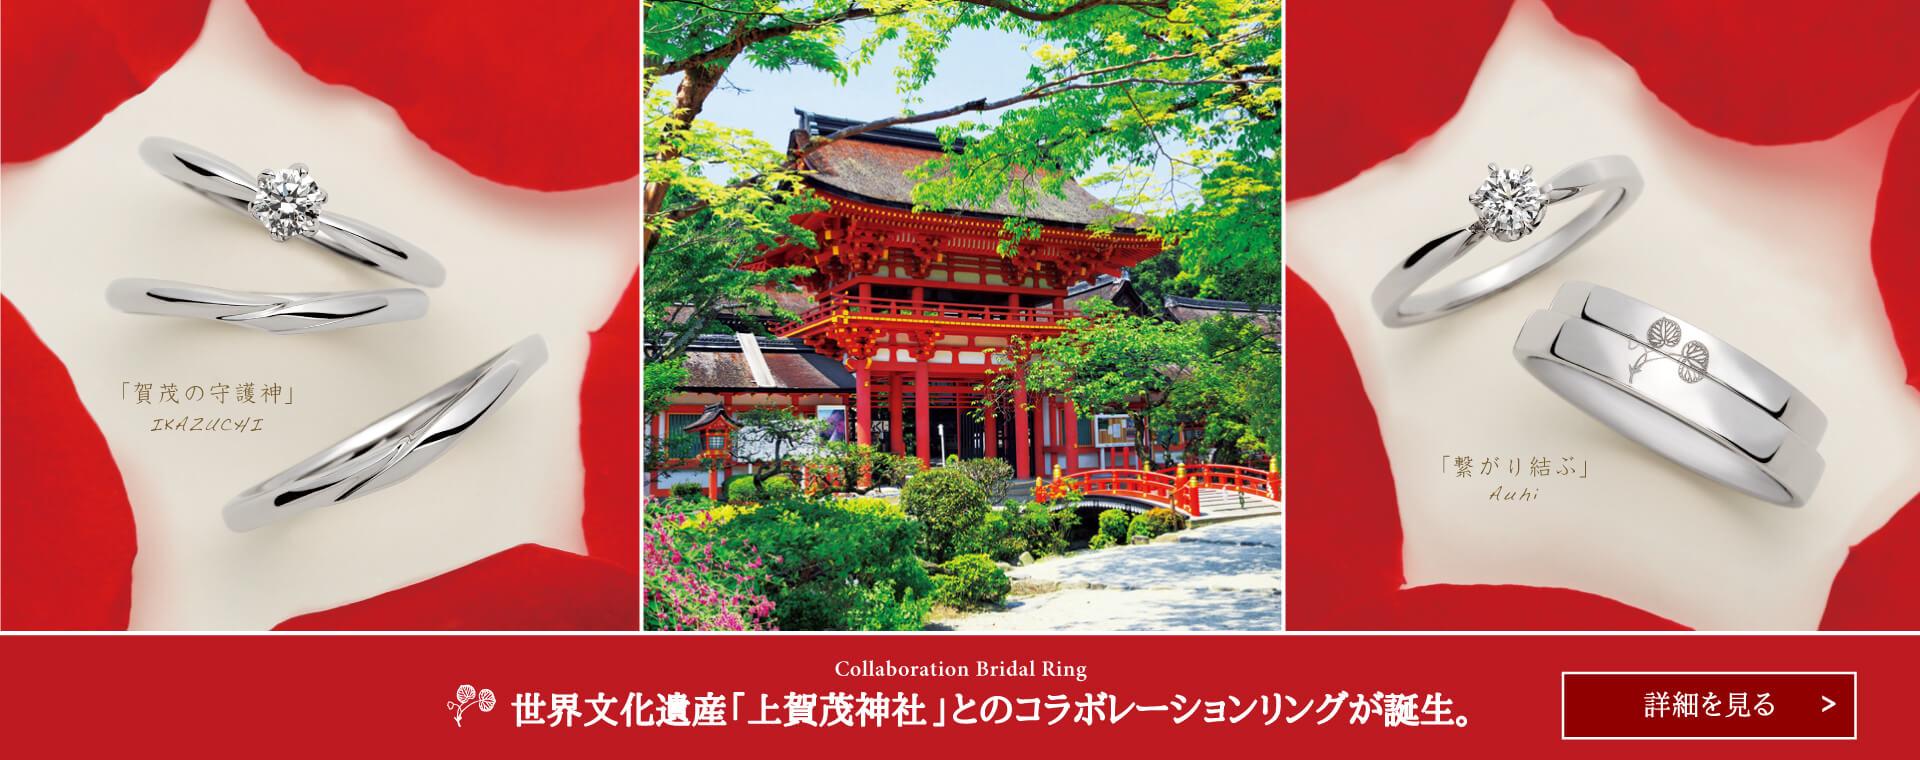 世界文化遺産「上賀茂神社」とのコラボレーションリングが誕生。